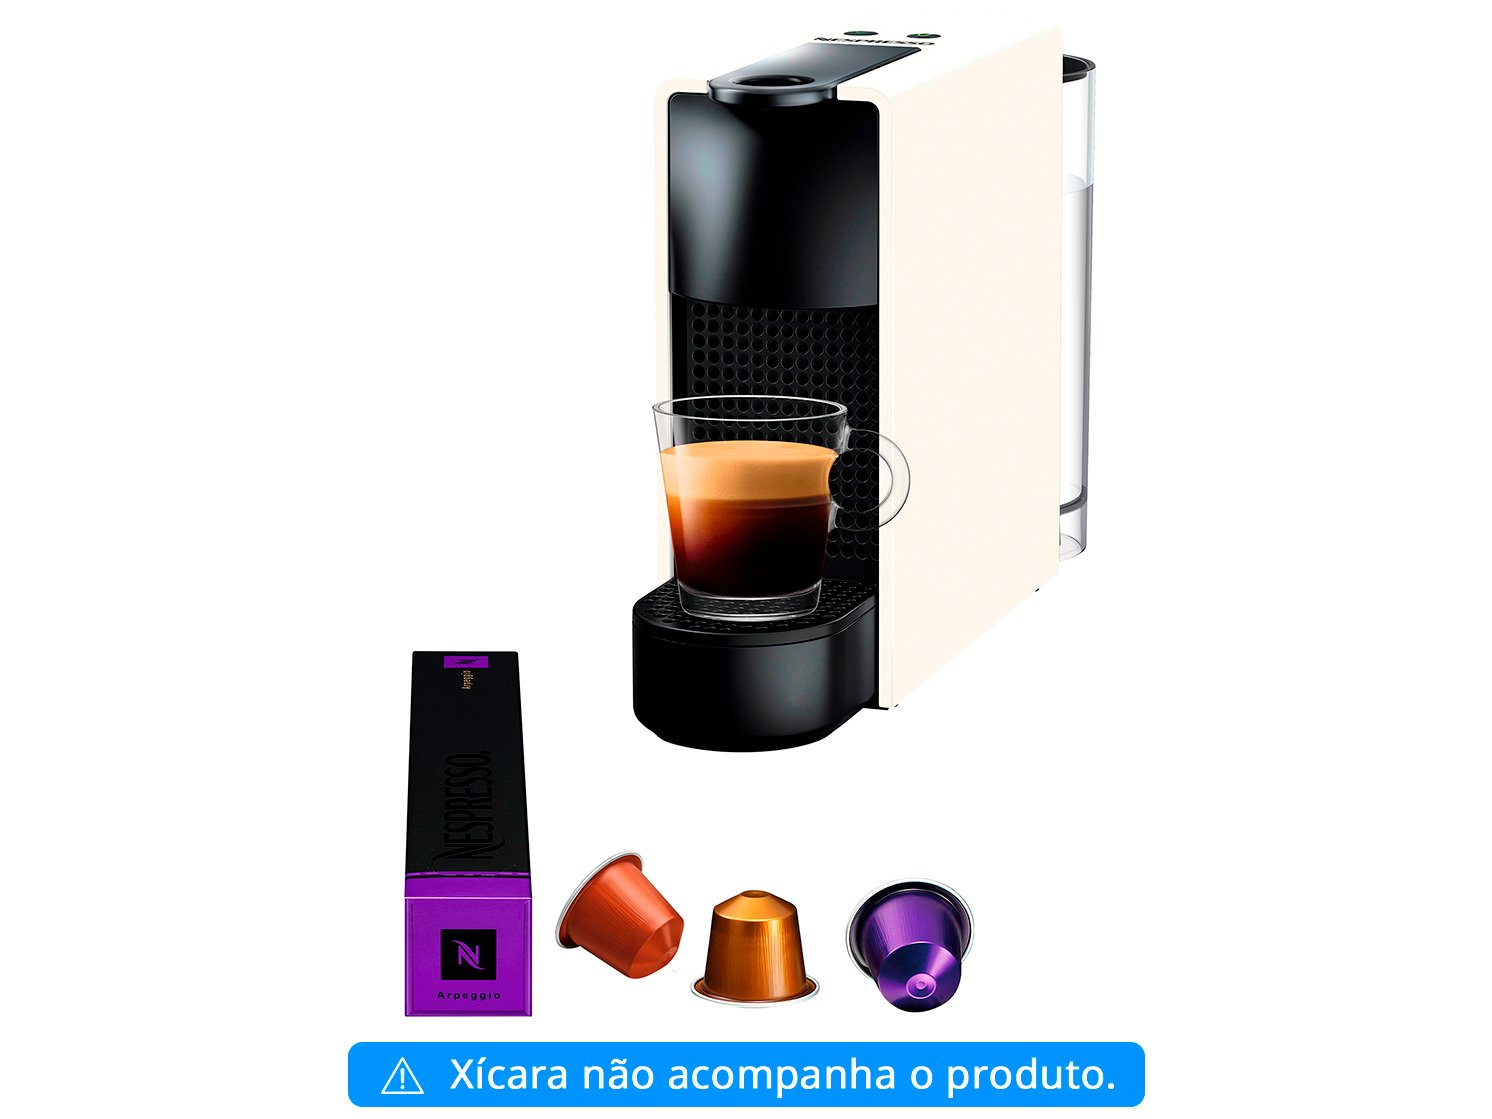 Cafeteira Expresso 19 Bar Nespresso Essenza Mini - Branca - 110 V - 3